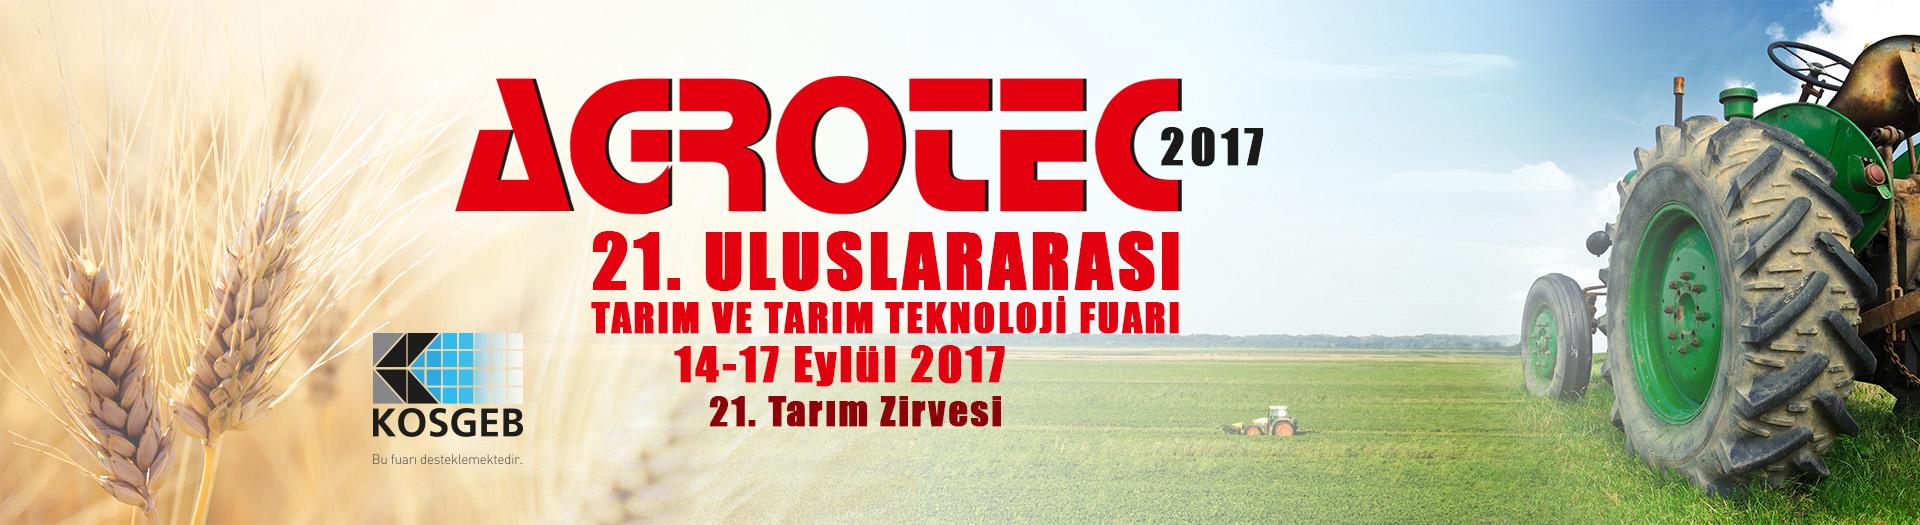 AGROTEC 2017 EYLÜL'DE BAŞLIYOR